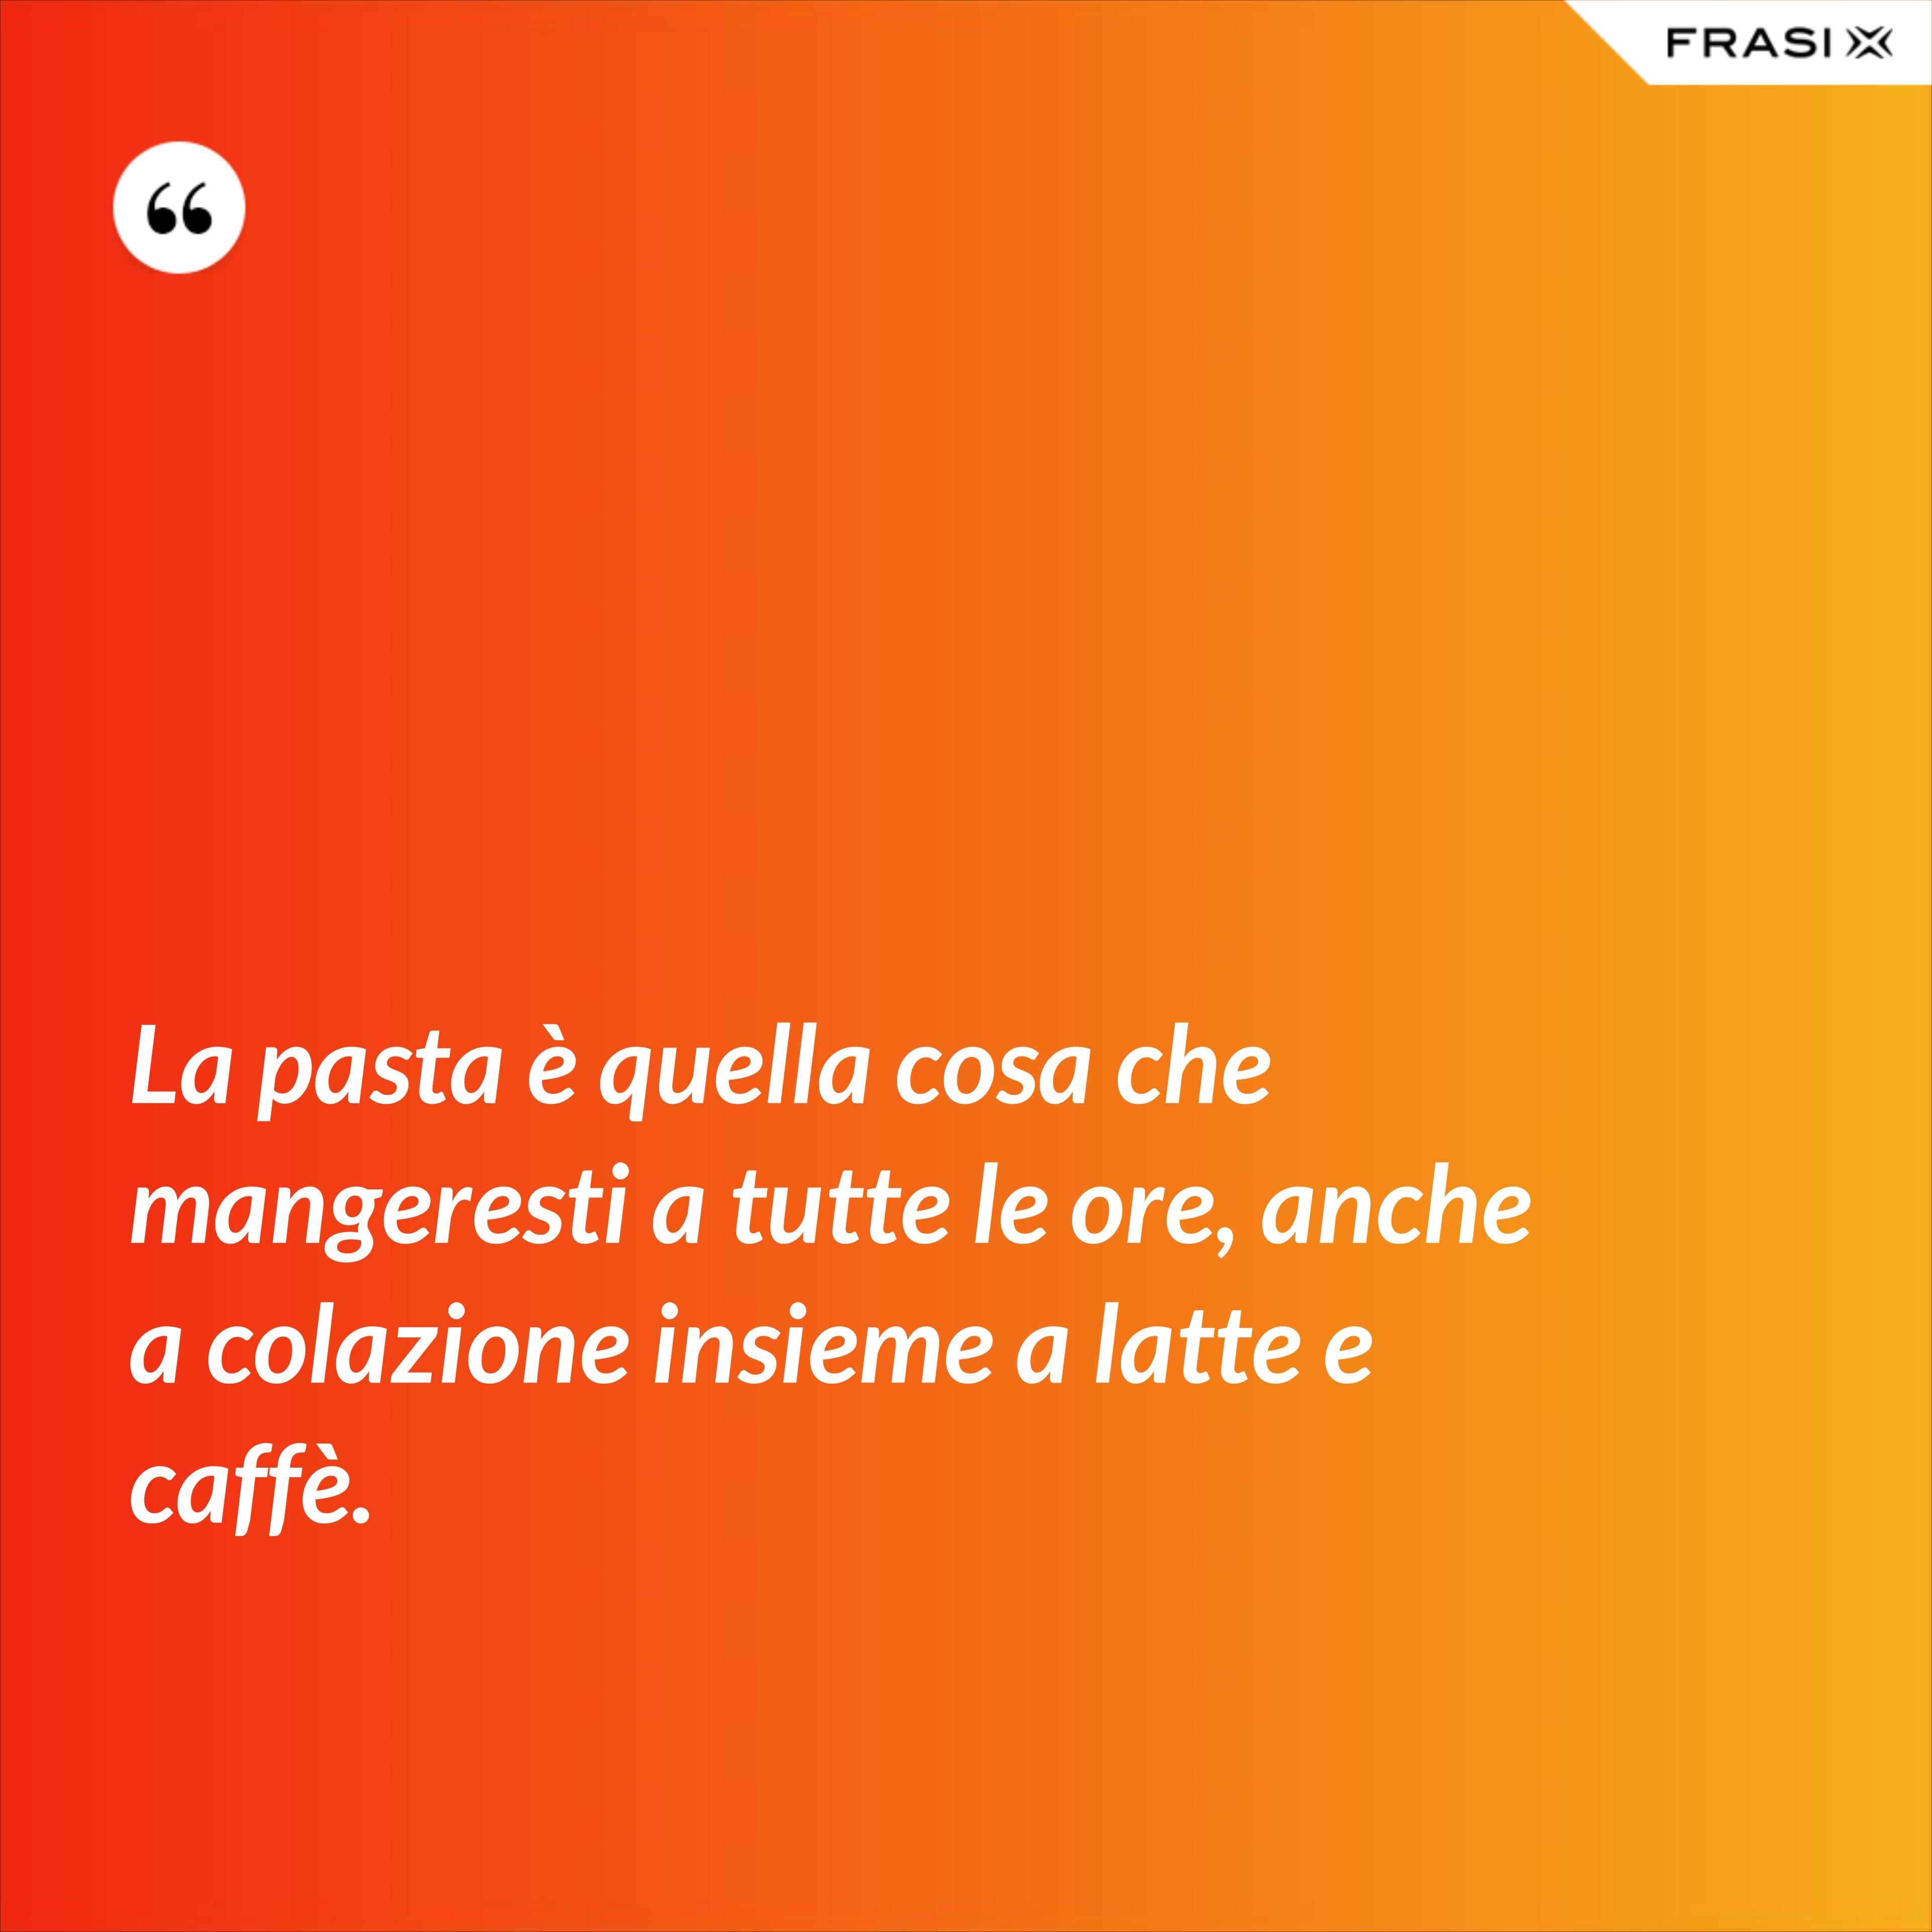 La pasta è quella cosa che mangeresti a tutte le ore, anche a colazione insieme a latte e caffè. - Anonimo